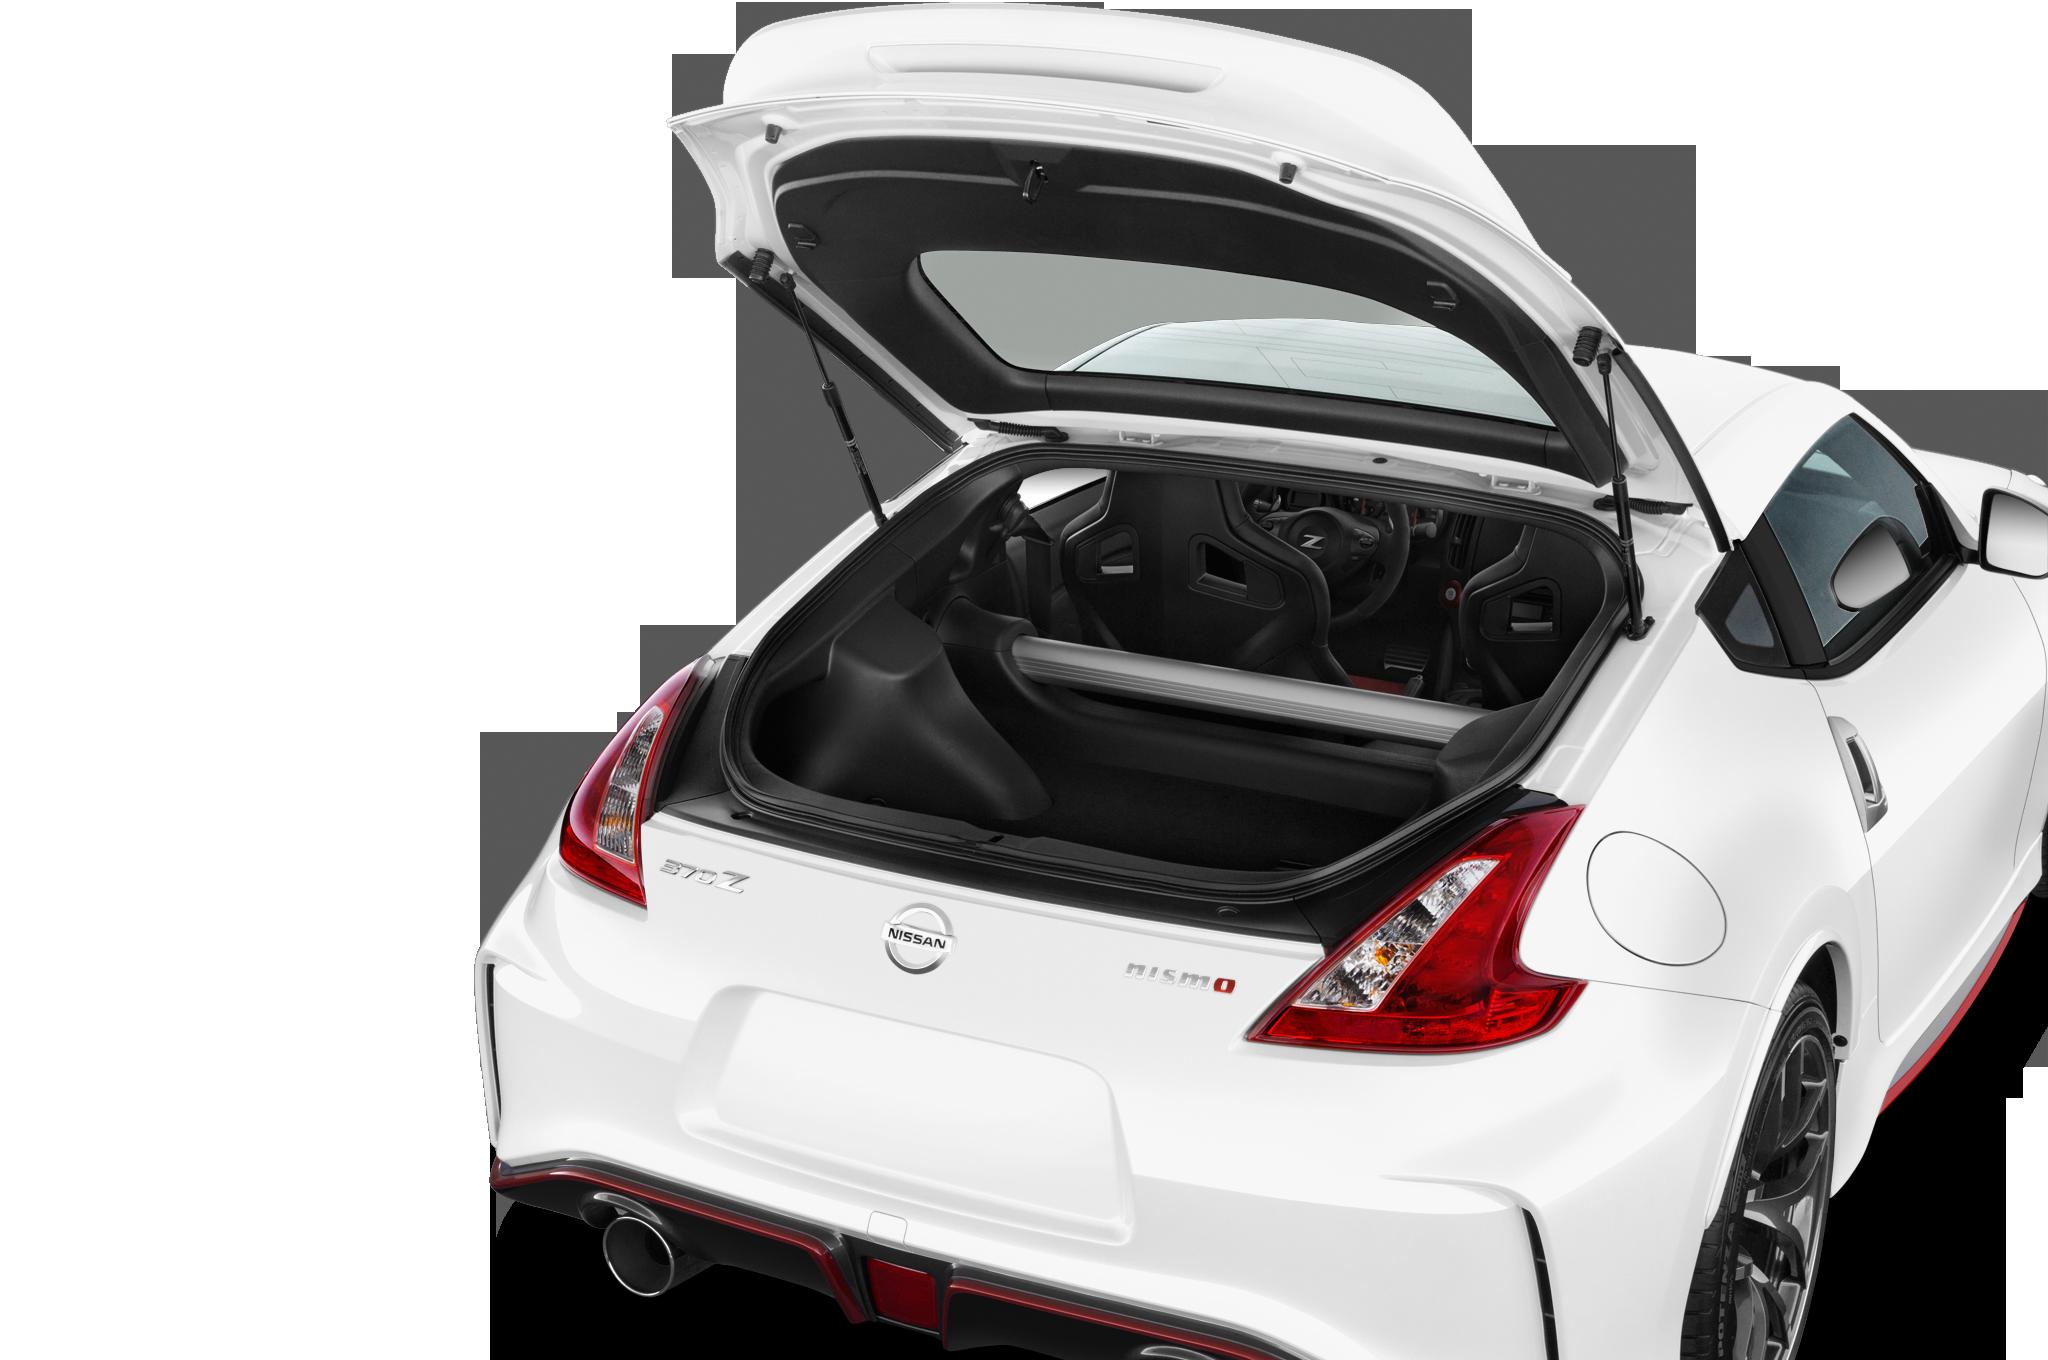 One Week With: 2017 Nissan 370Z | Automobile Magazine